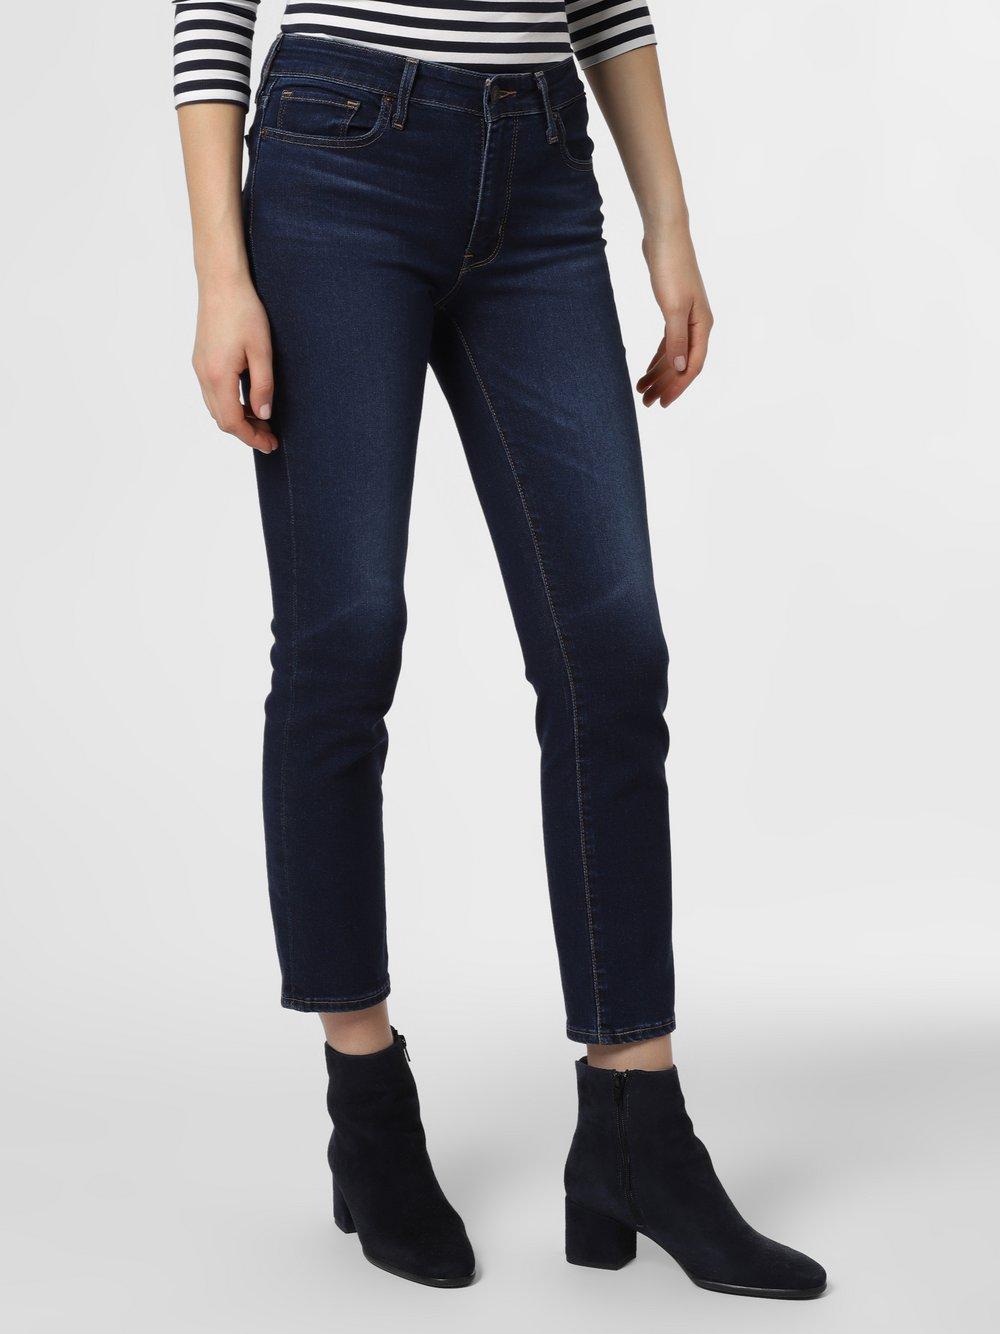 Levi's - Jeansy damskie – 712™ Slim, niebieski